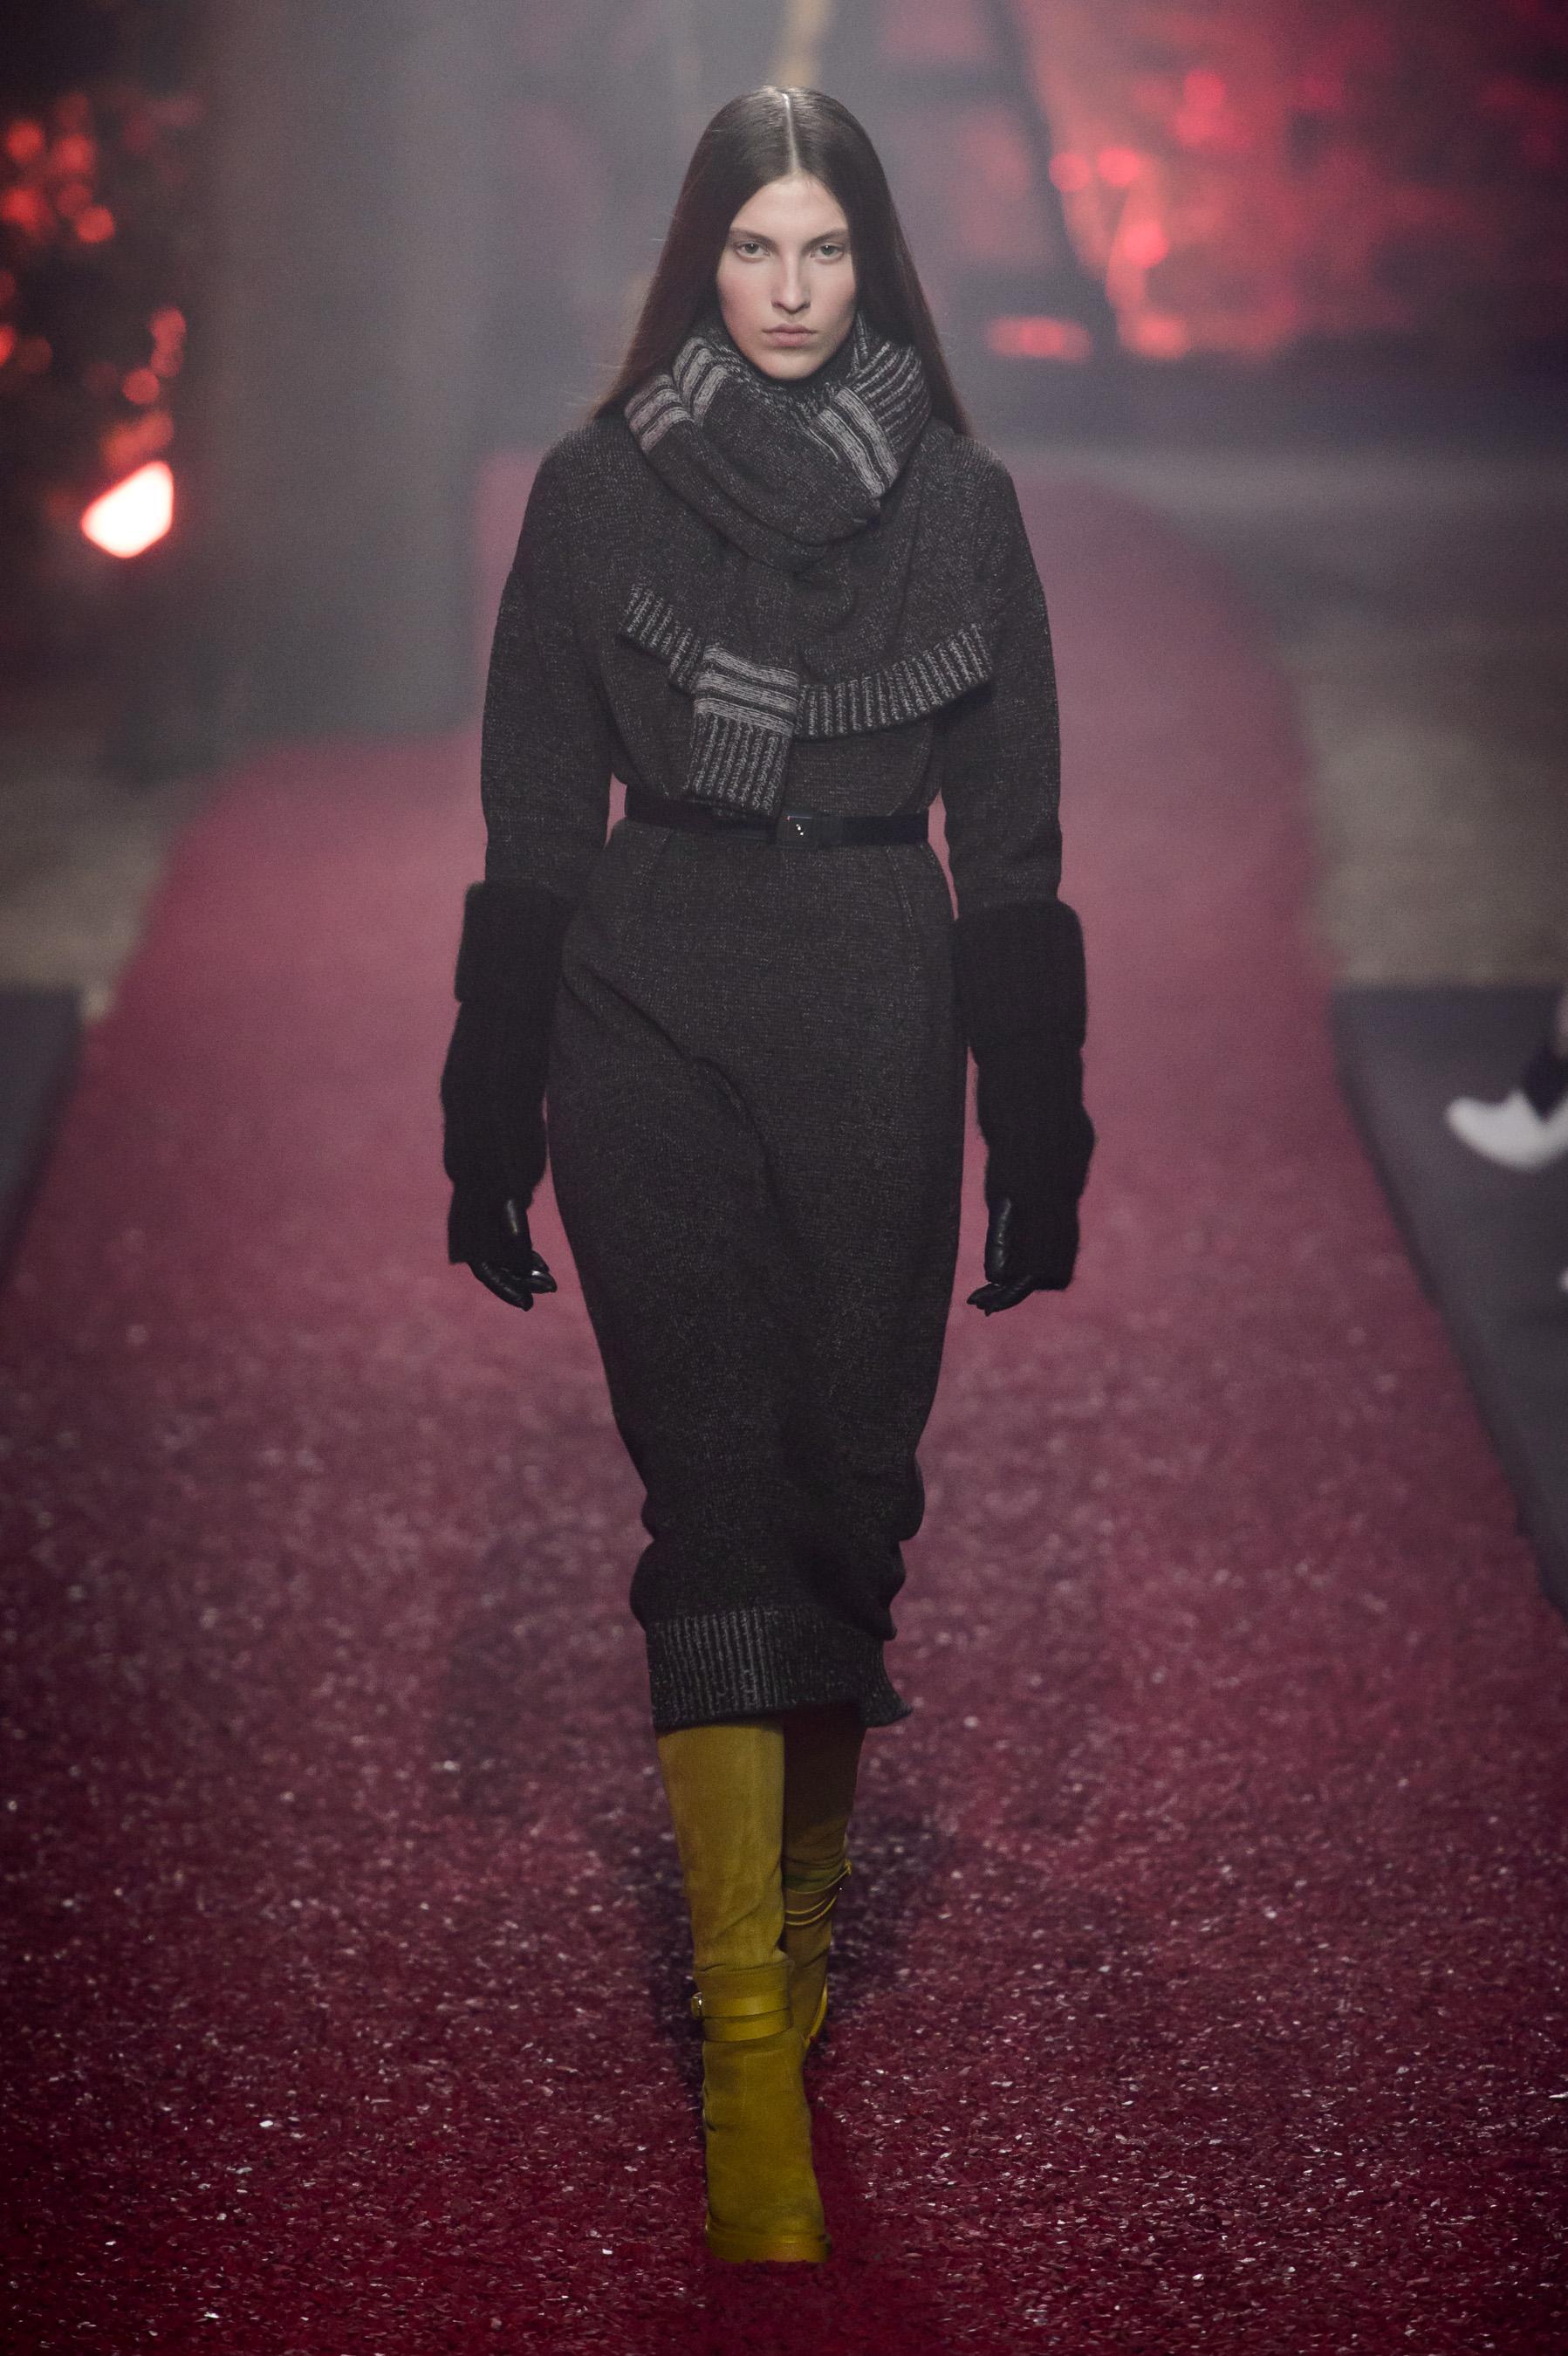 9cfd2f1c01d Défilé Hermès automne-hiver 2018-2019 Prêt-à-porter - Madame Figaro